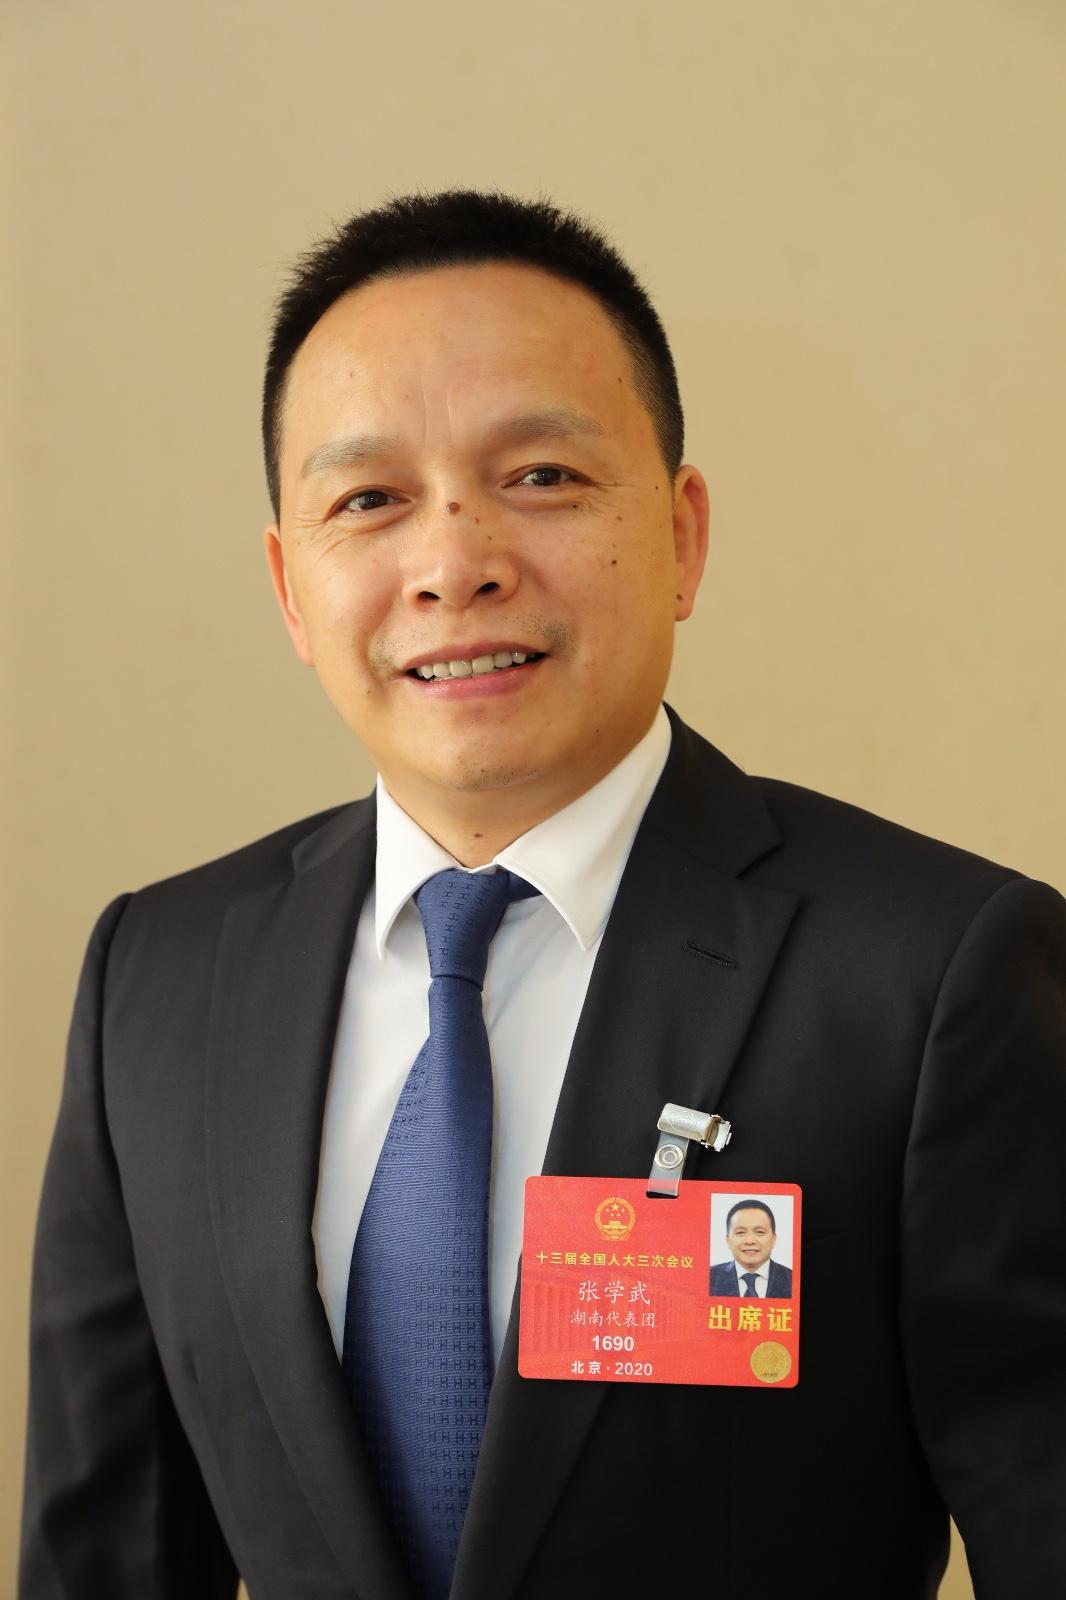 全国人大代表张学武建议,依托科技创新推动中国食品工业高质量发展